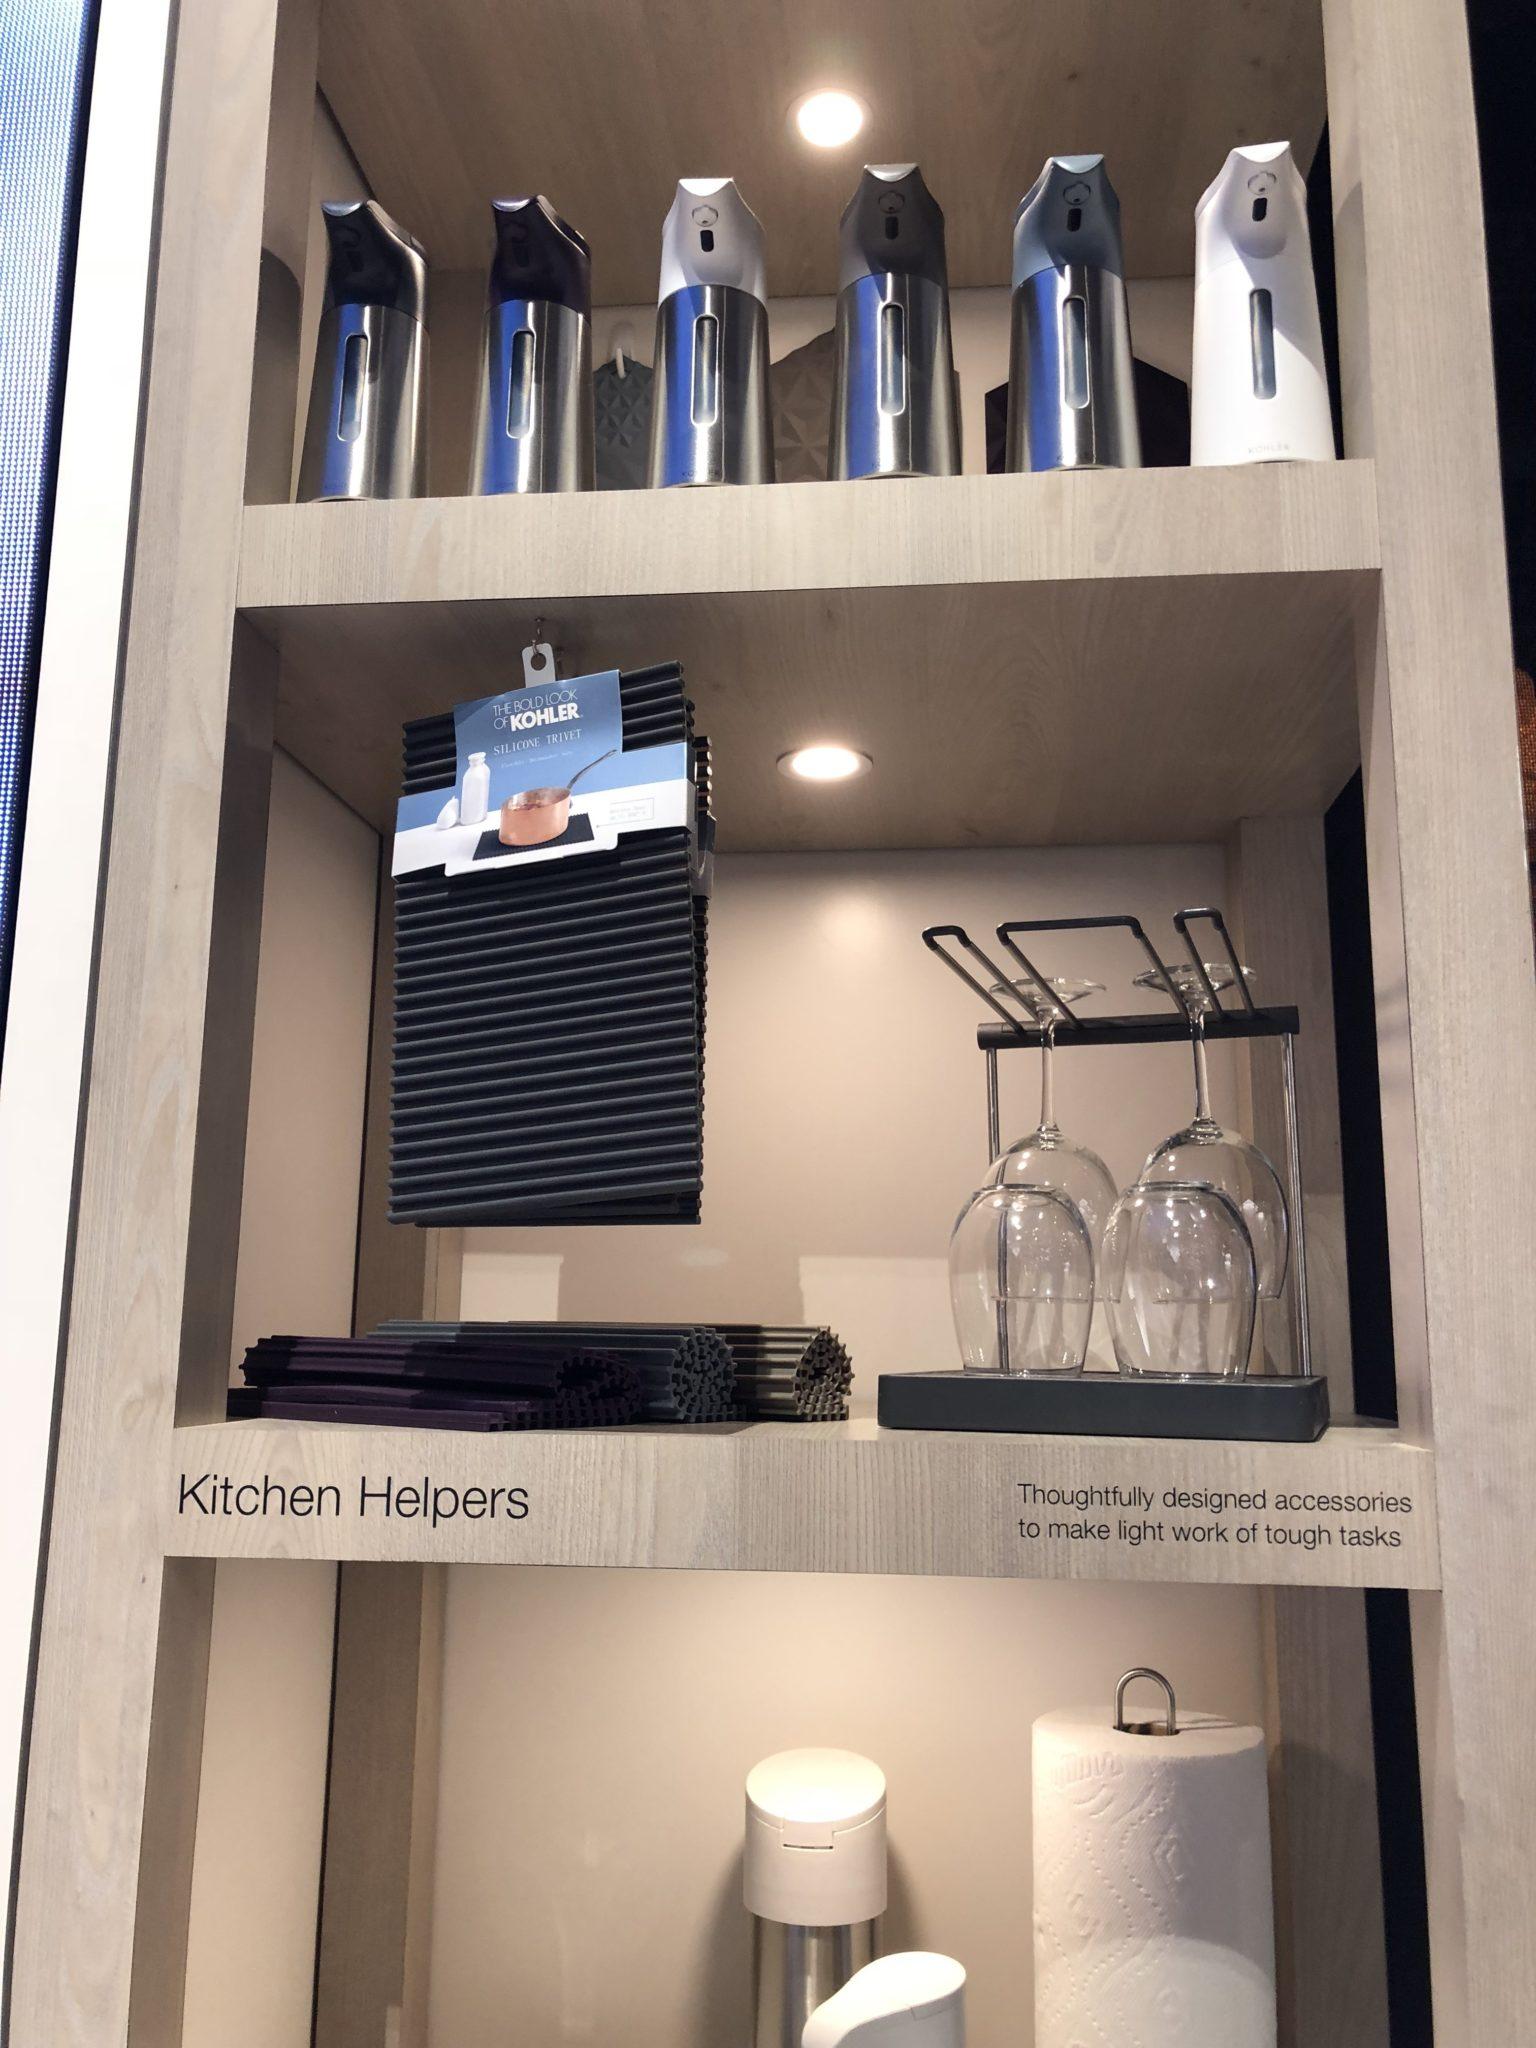 KBIS-Kohler Accessories